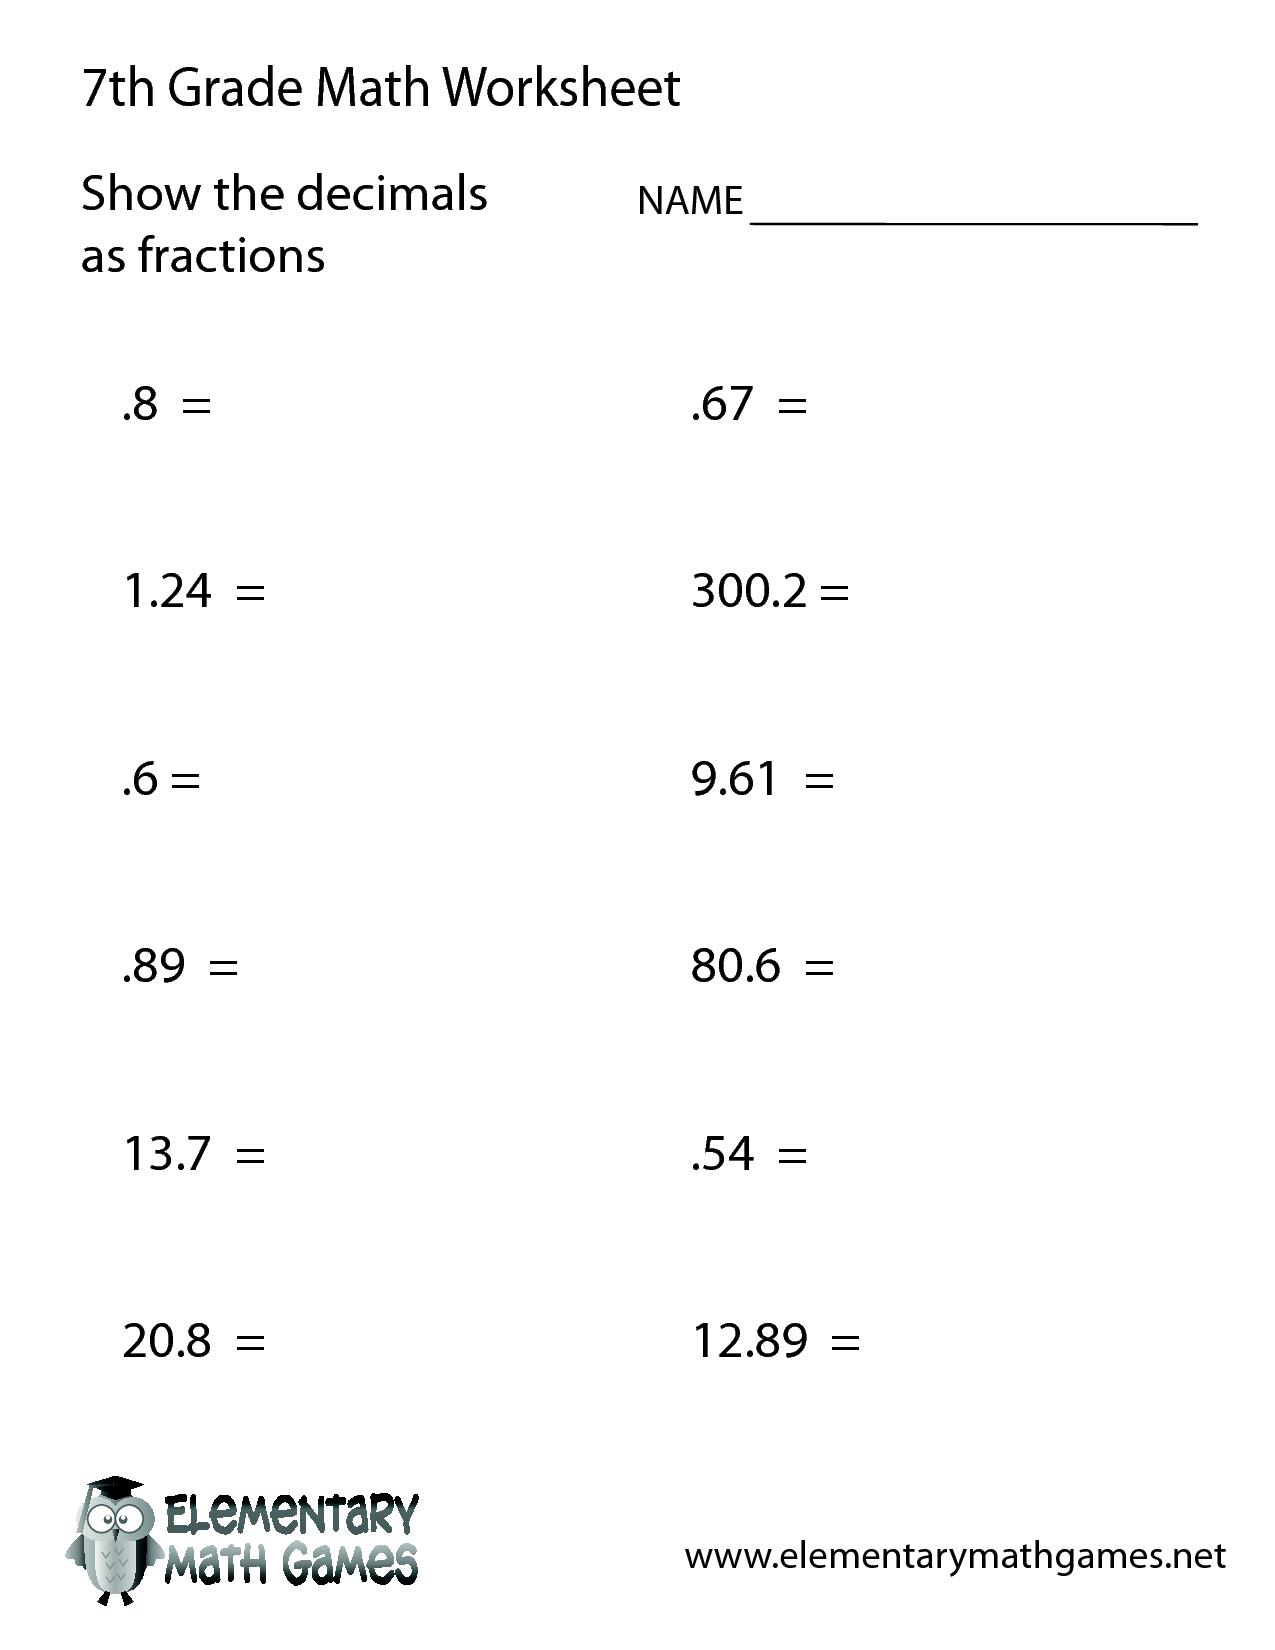 7th Grade Math Worksheets Printable